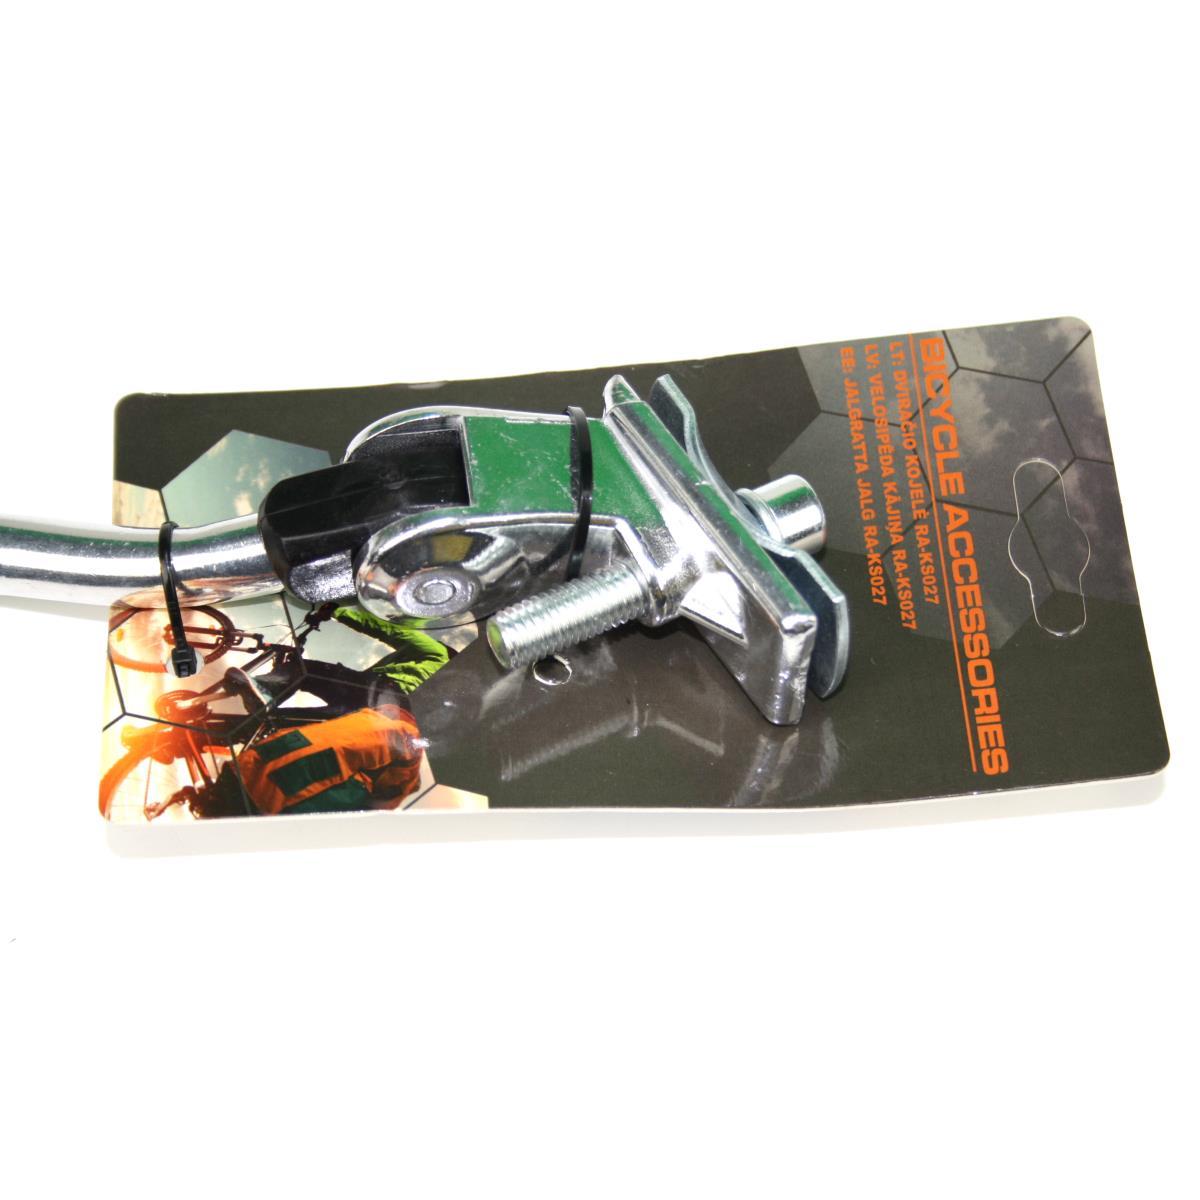 Fahrradständer Seitenständer Parkstütze Universal für 20 - 28 Zoll Fahrrad,Bicycle Accessories,RA-KS027, 4770364265822